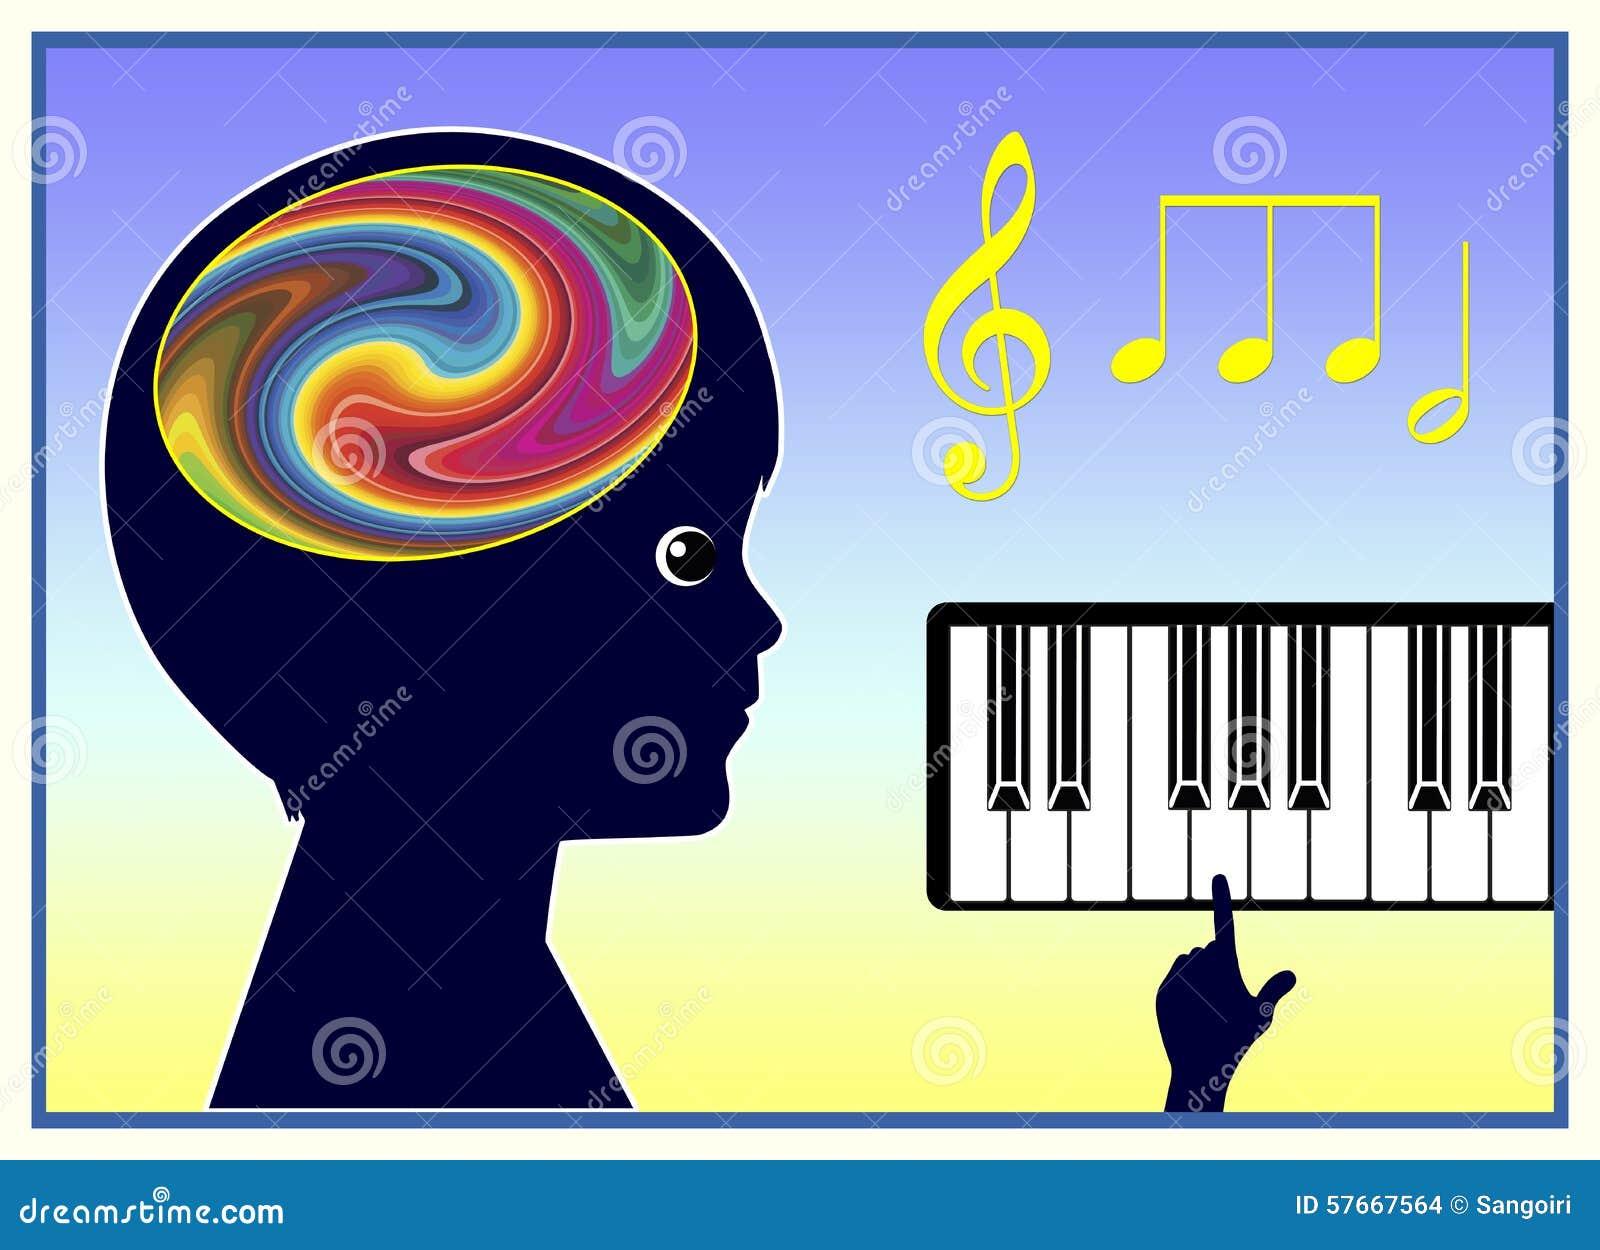 Muzyczna terapia